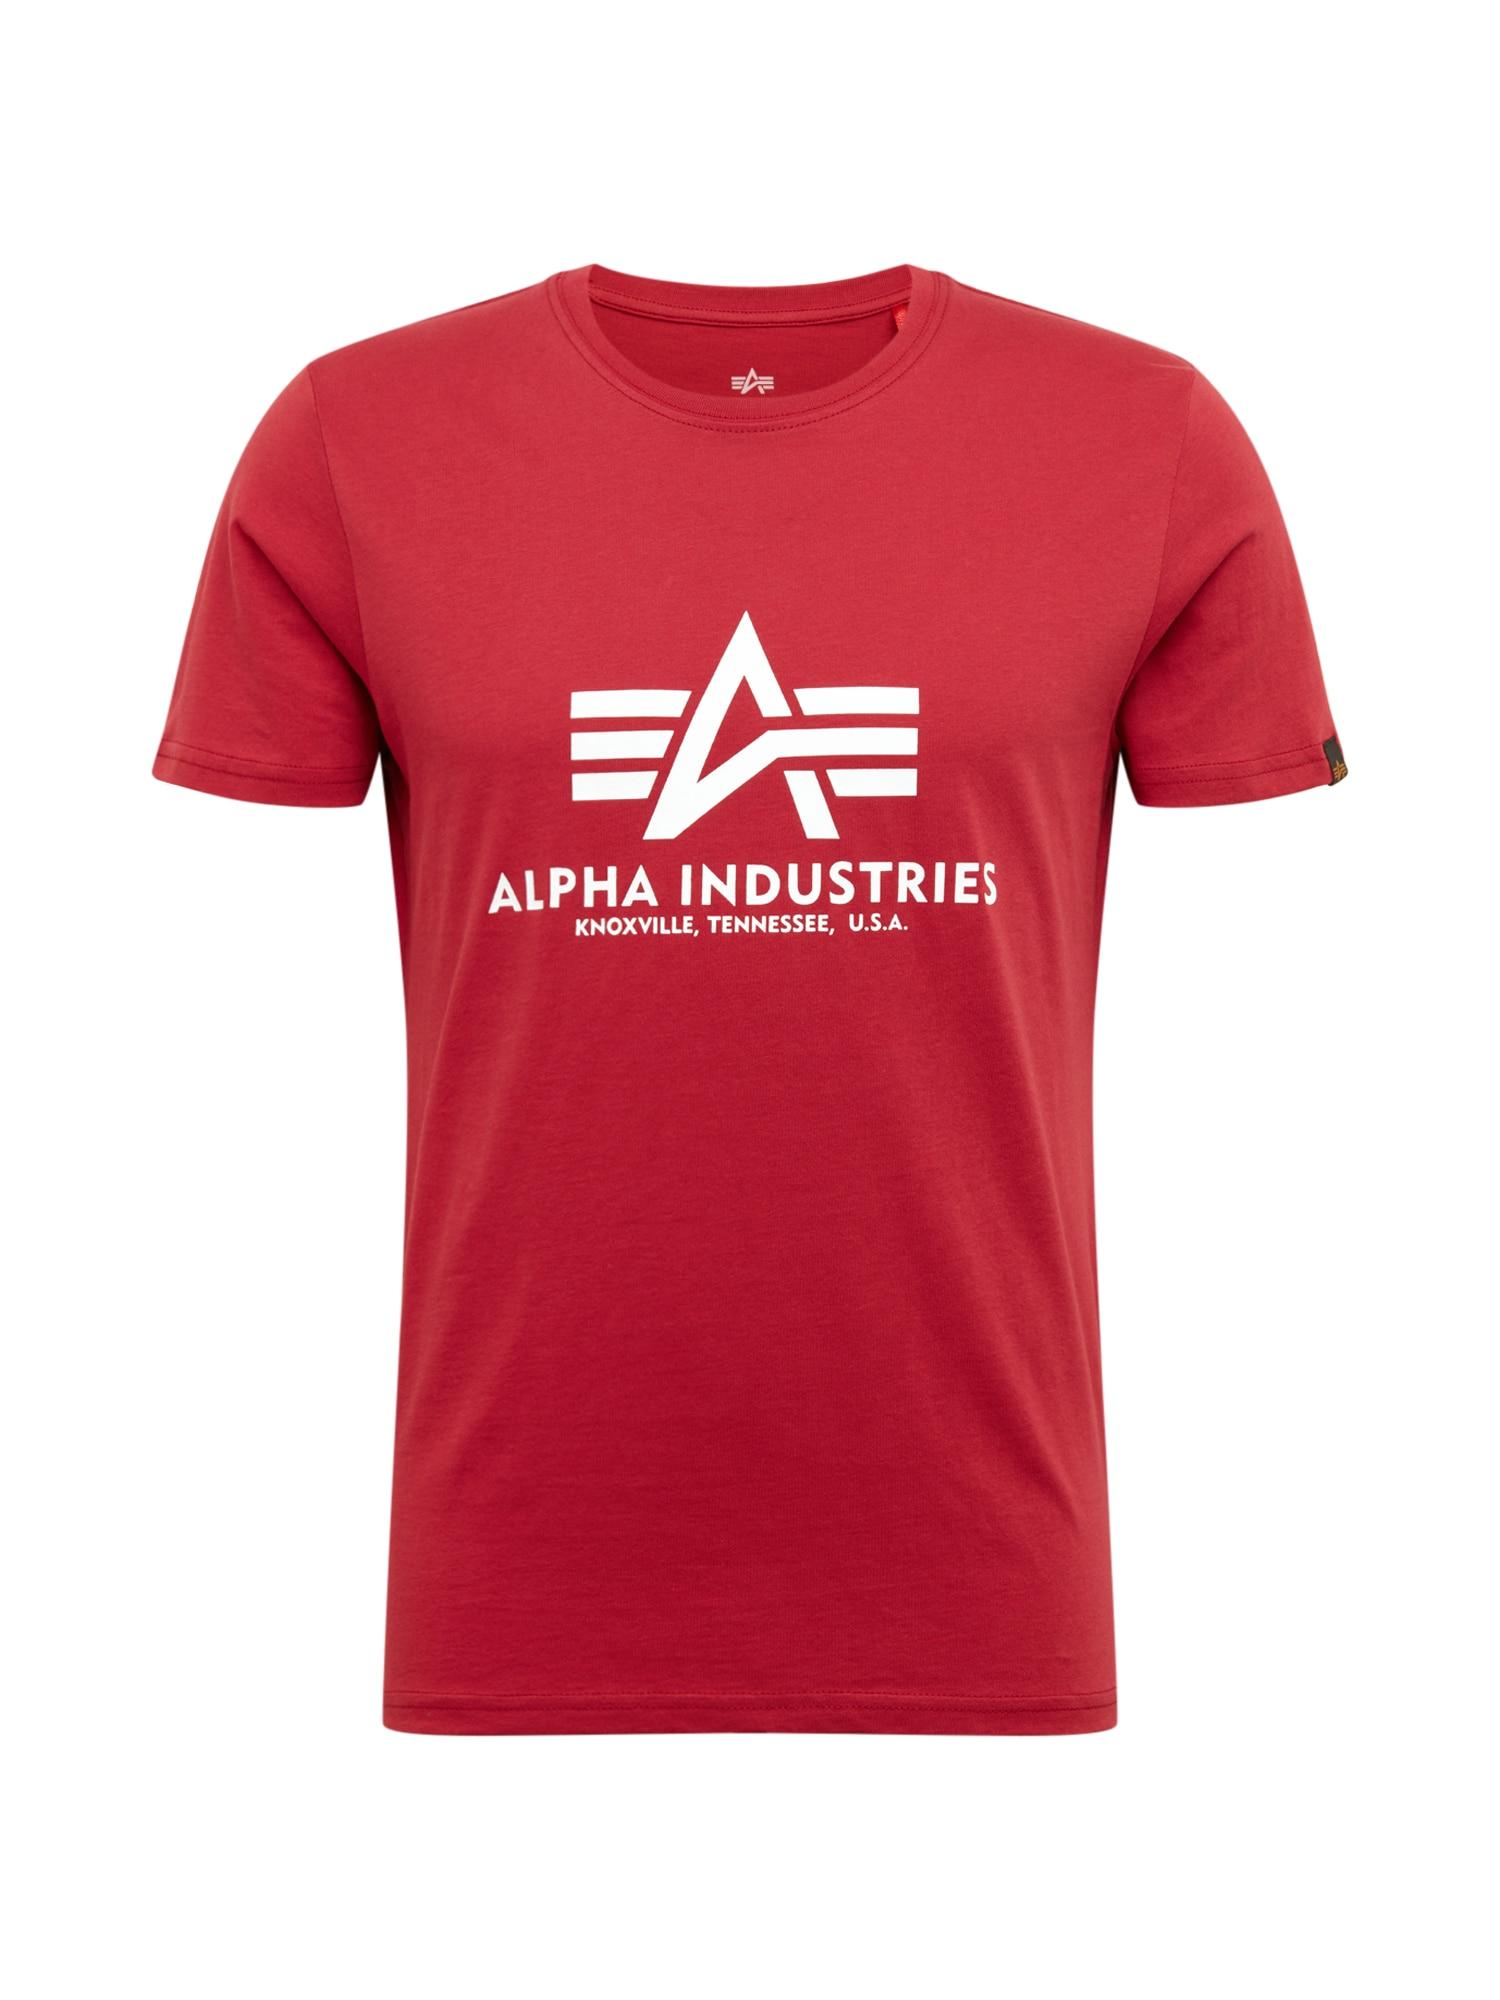 ALPHA INDUSTRIES Marškinėliai raudona / balta